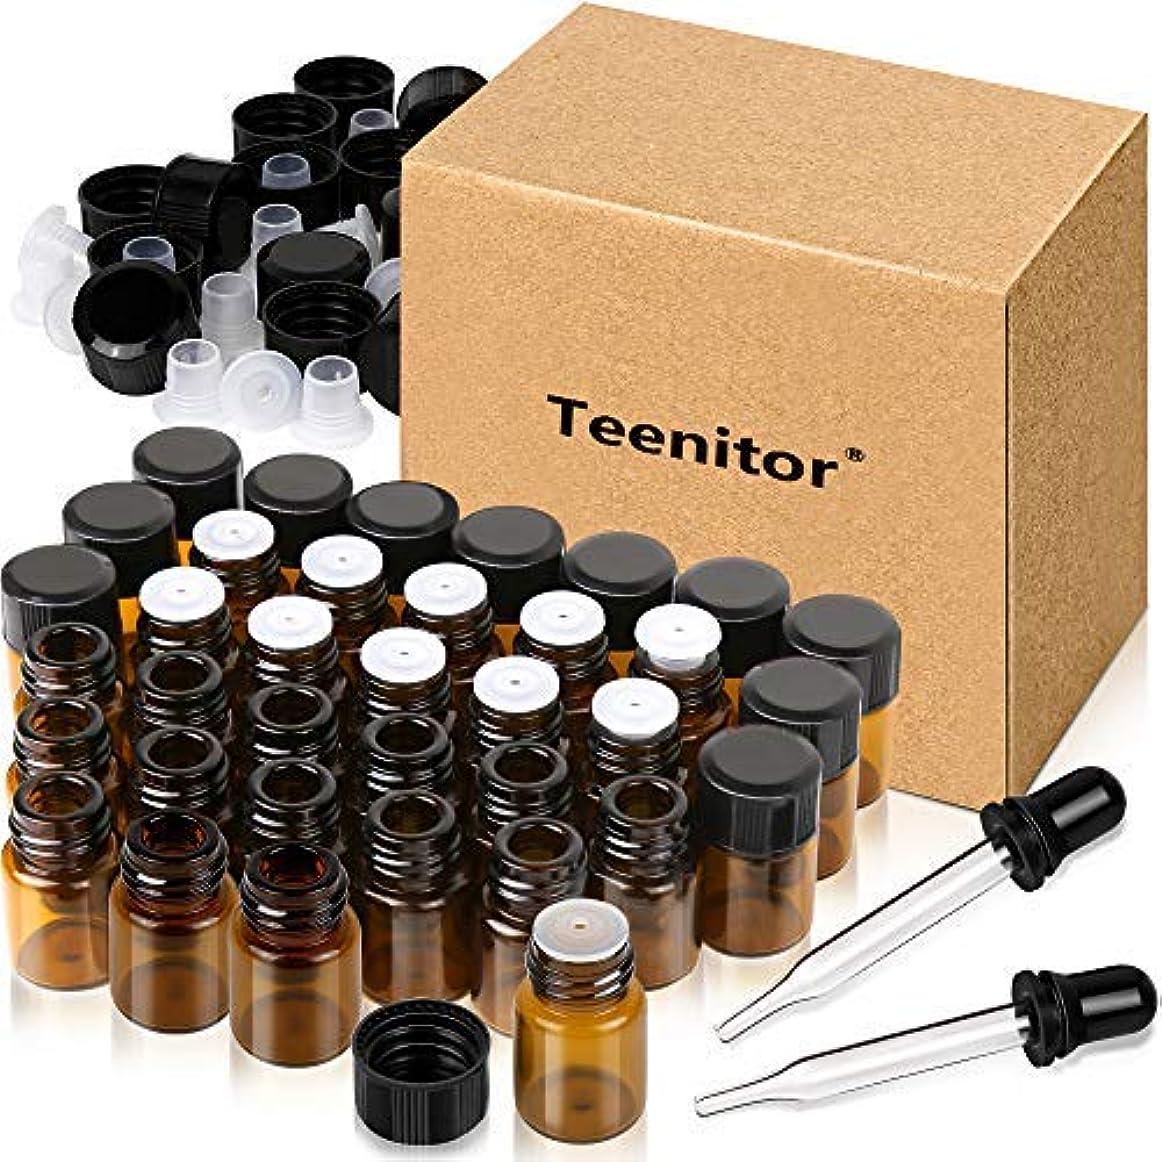 複製到着他の場所Oil Bottles for Essential Oils, Teenitor 36 Pcs 2 ml (5/8 Dram) Amber Glass Vials Bottles, with Orifice Reducers...